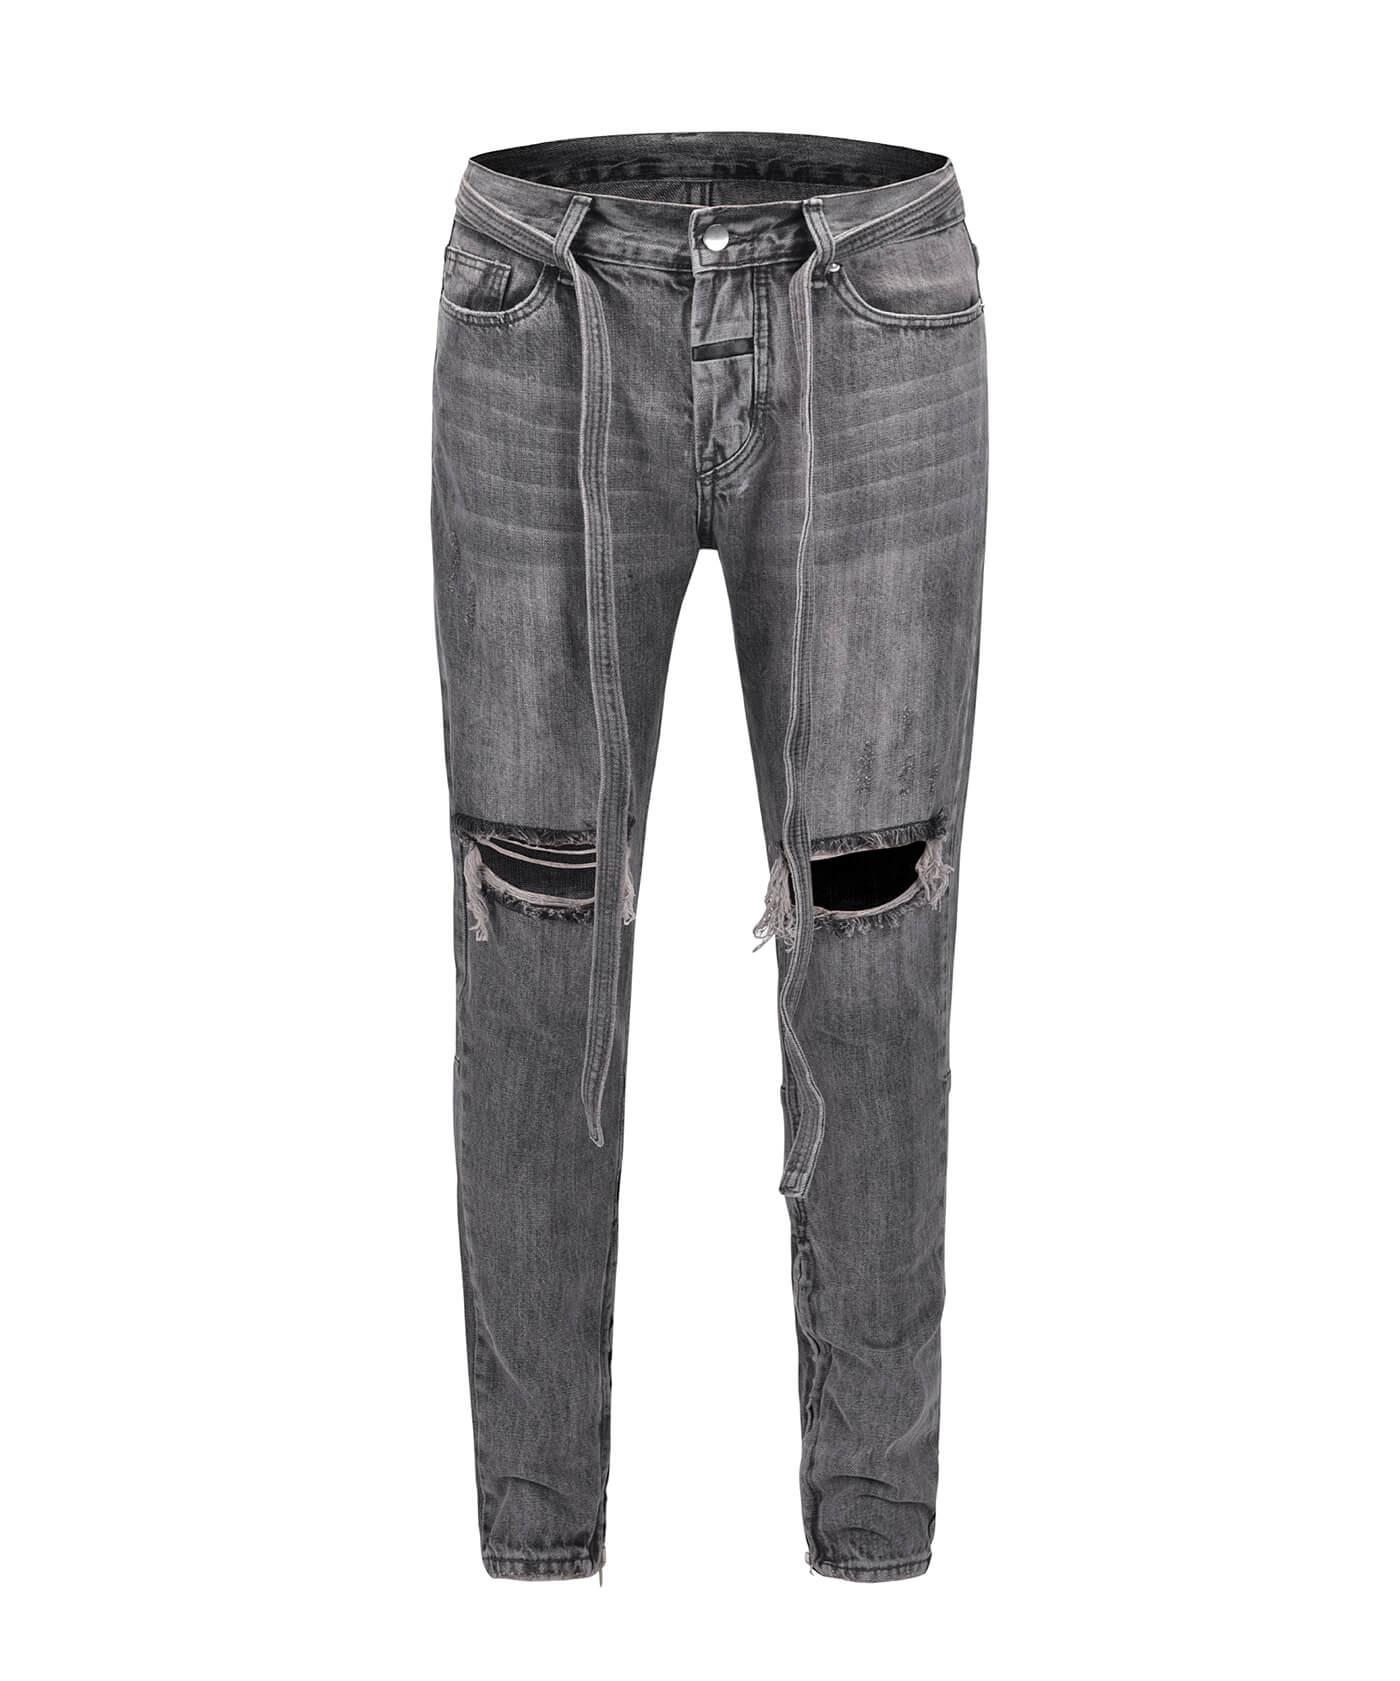 Standard Destroyed Jeans - Grey